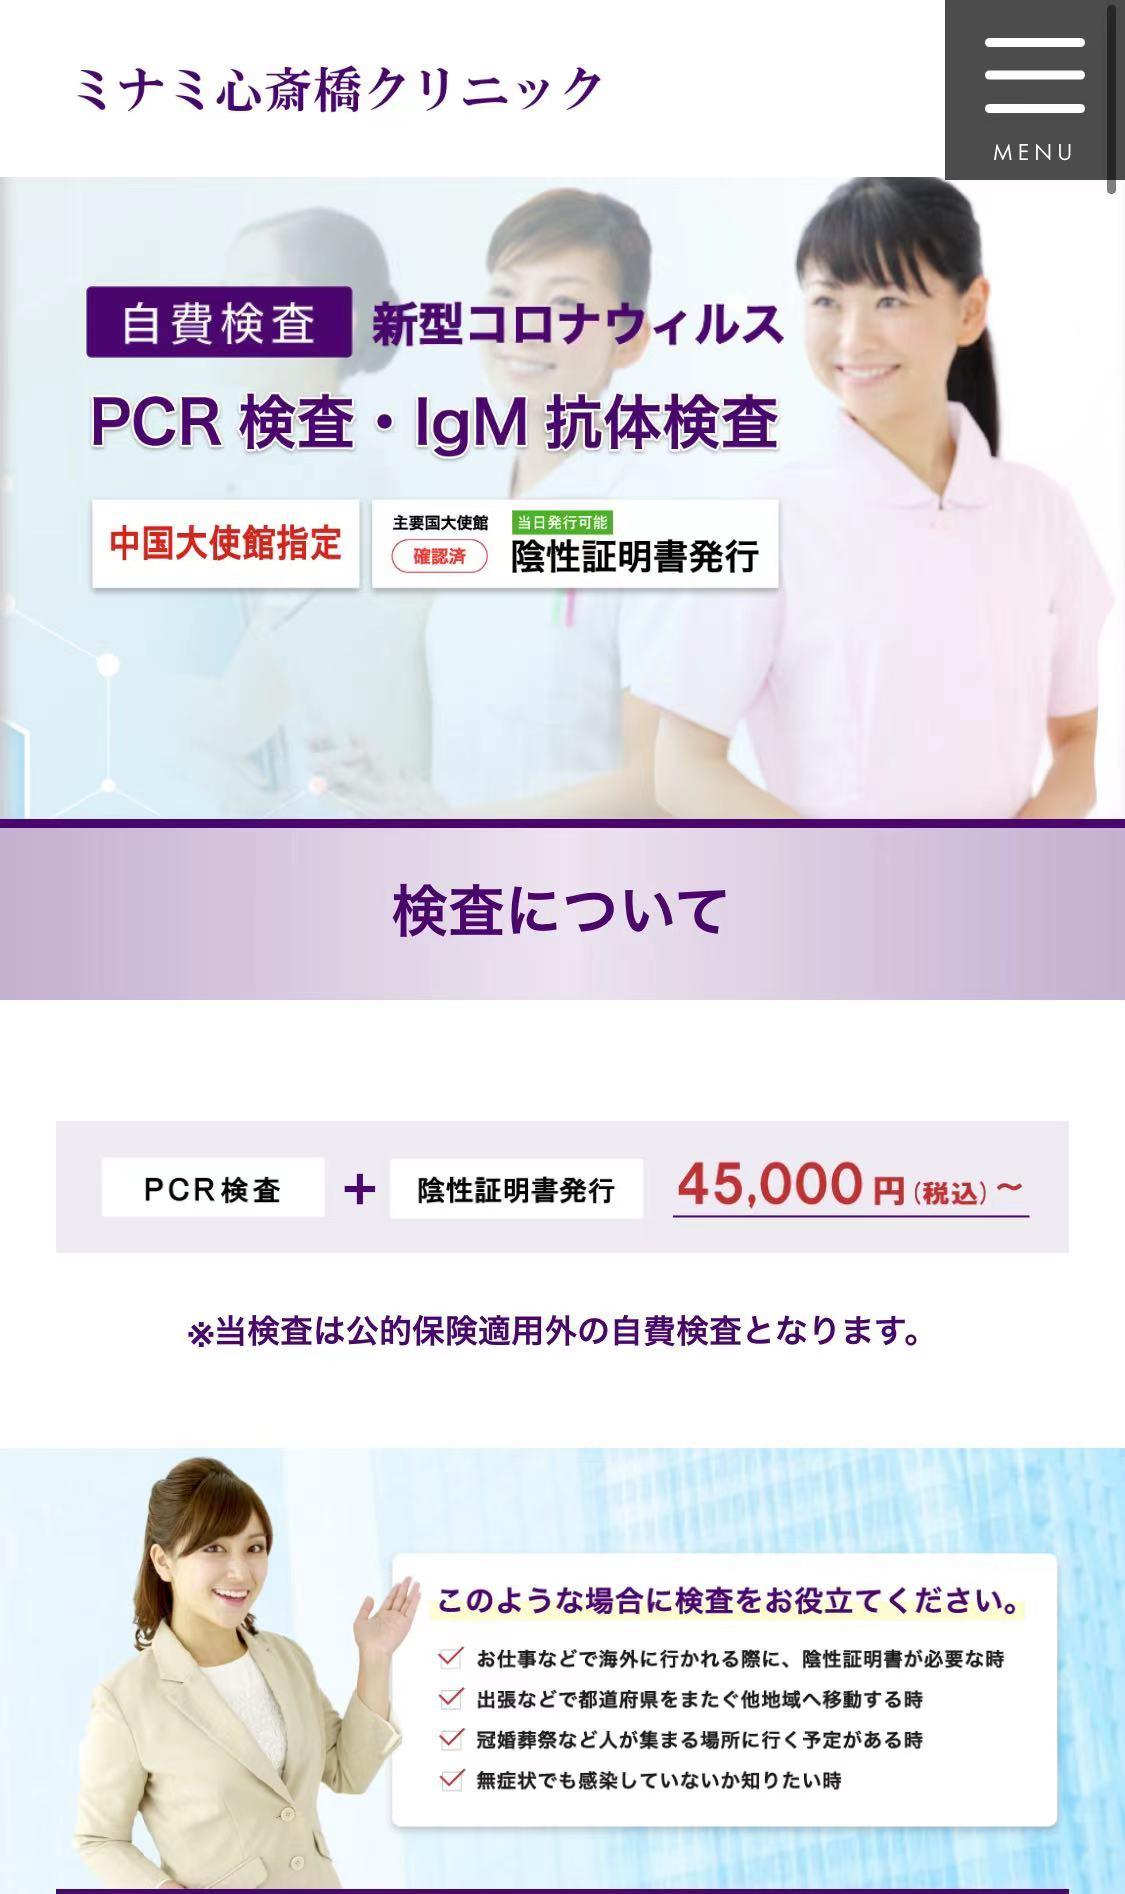 中国へ渡航するためには PCR検査とIgM抗体検査施設が大阪市内中心部にも有る